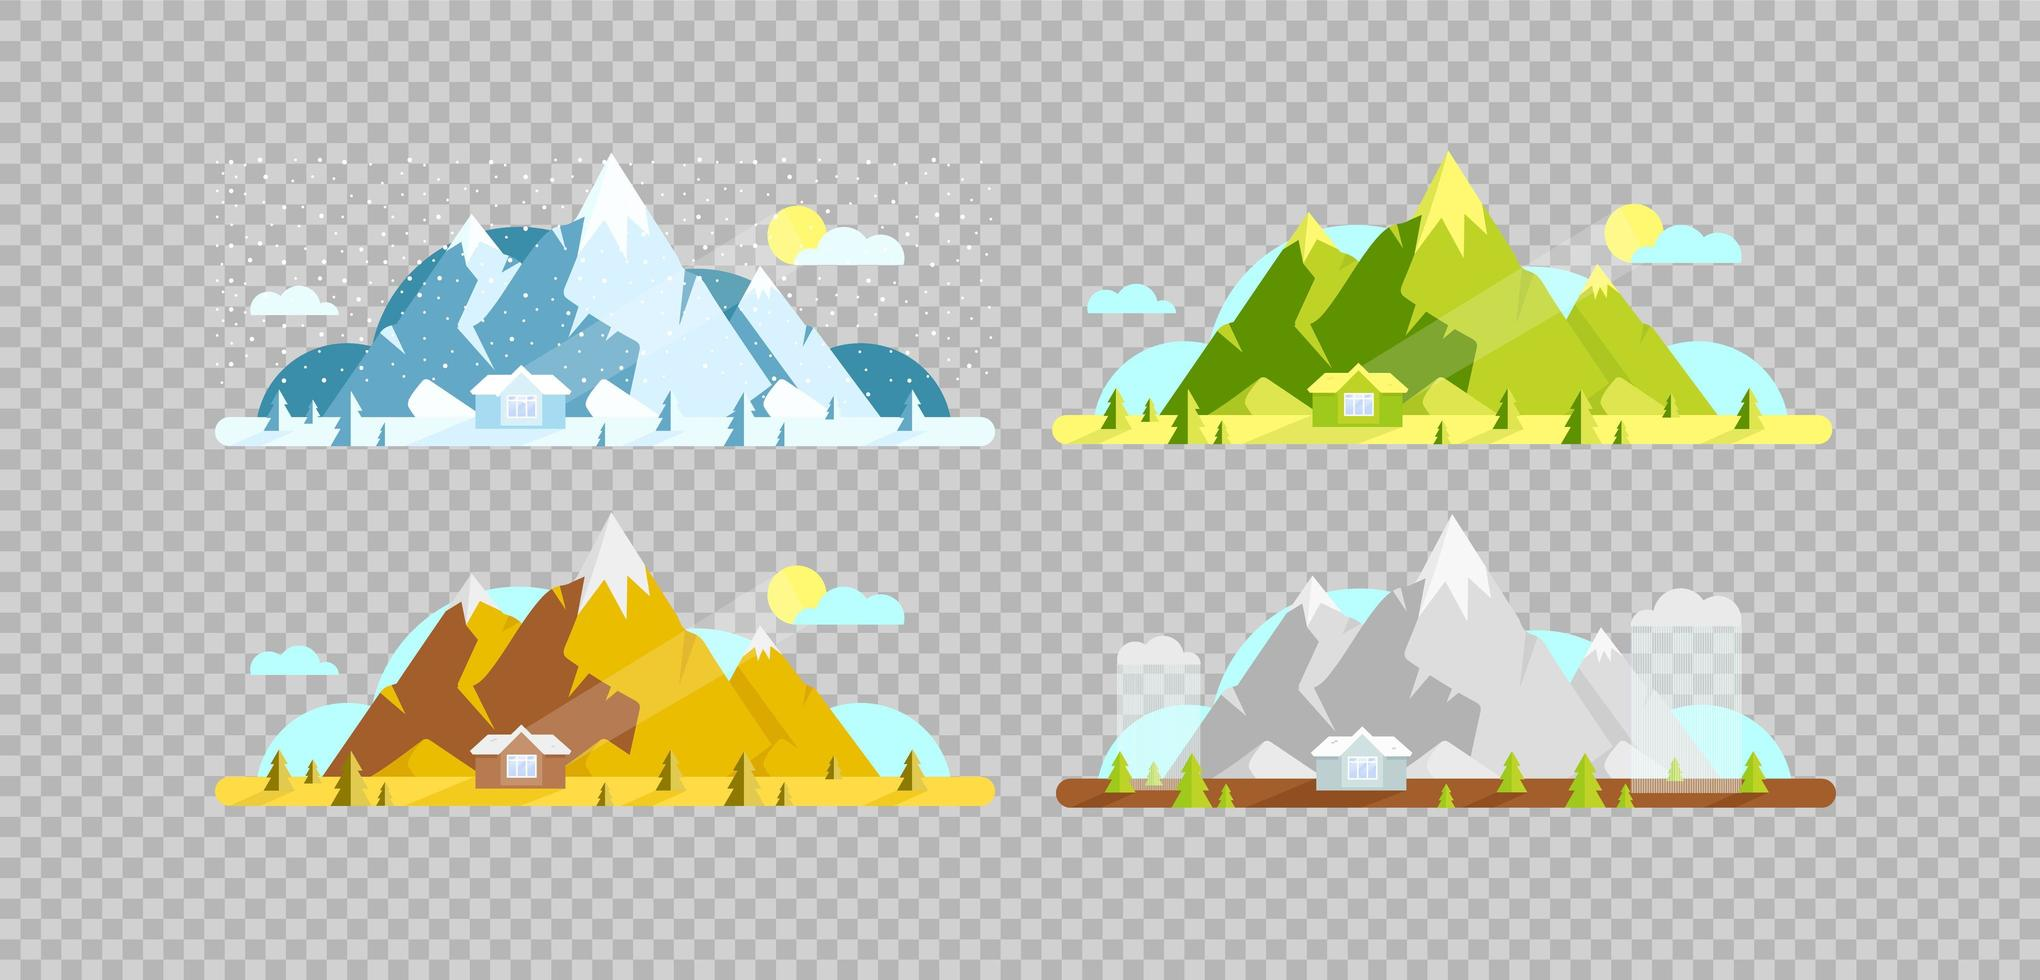 Berg- und Hausobjekte gesetzt vektor